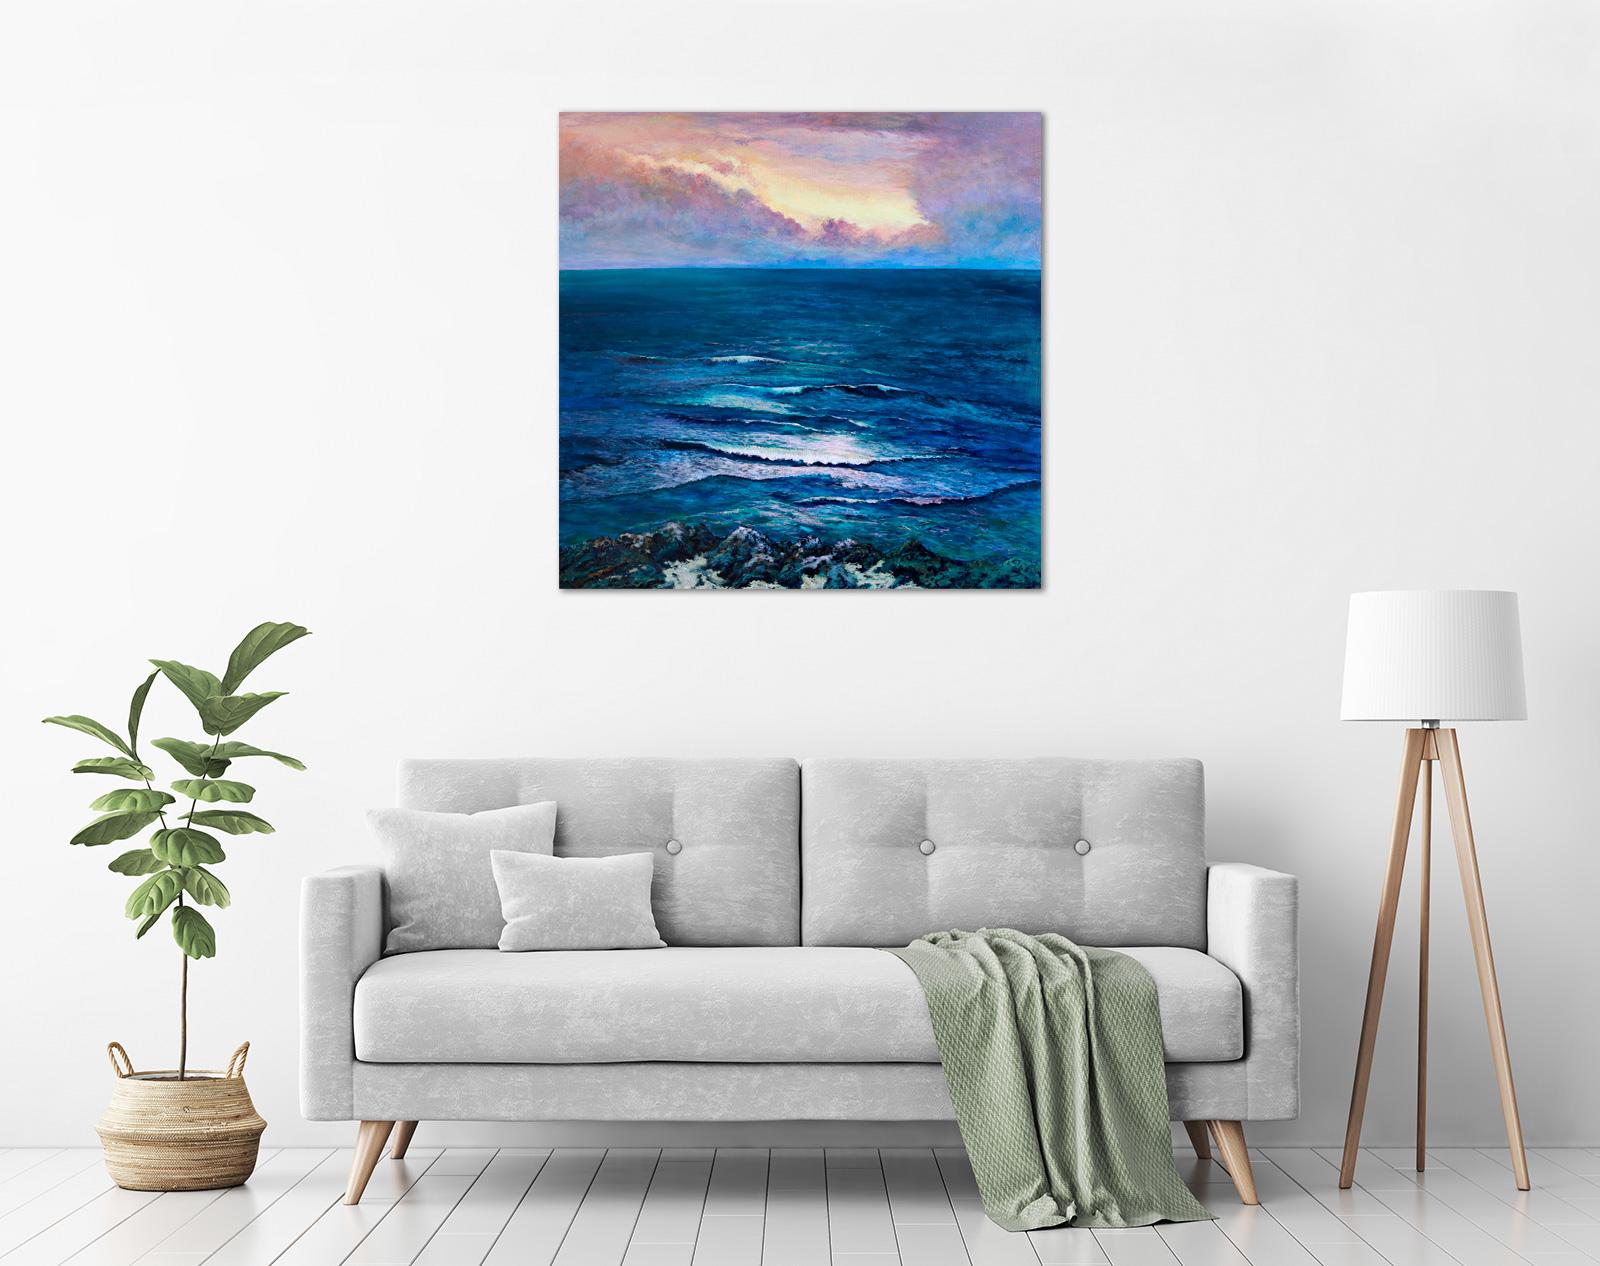 Lindy Midalia - 'Across The Ocean Light' in a room